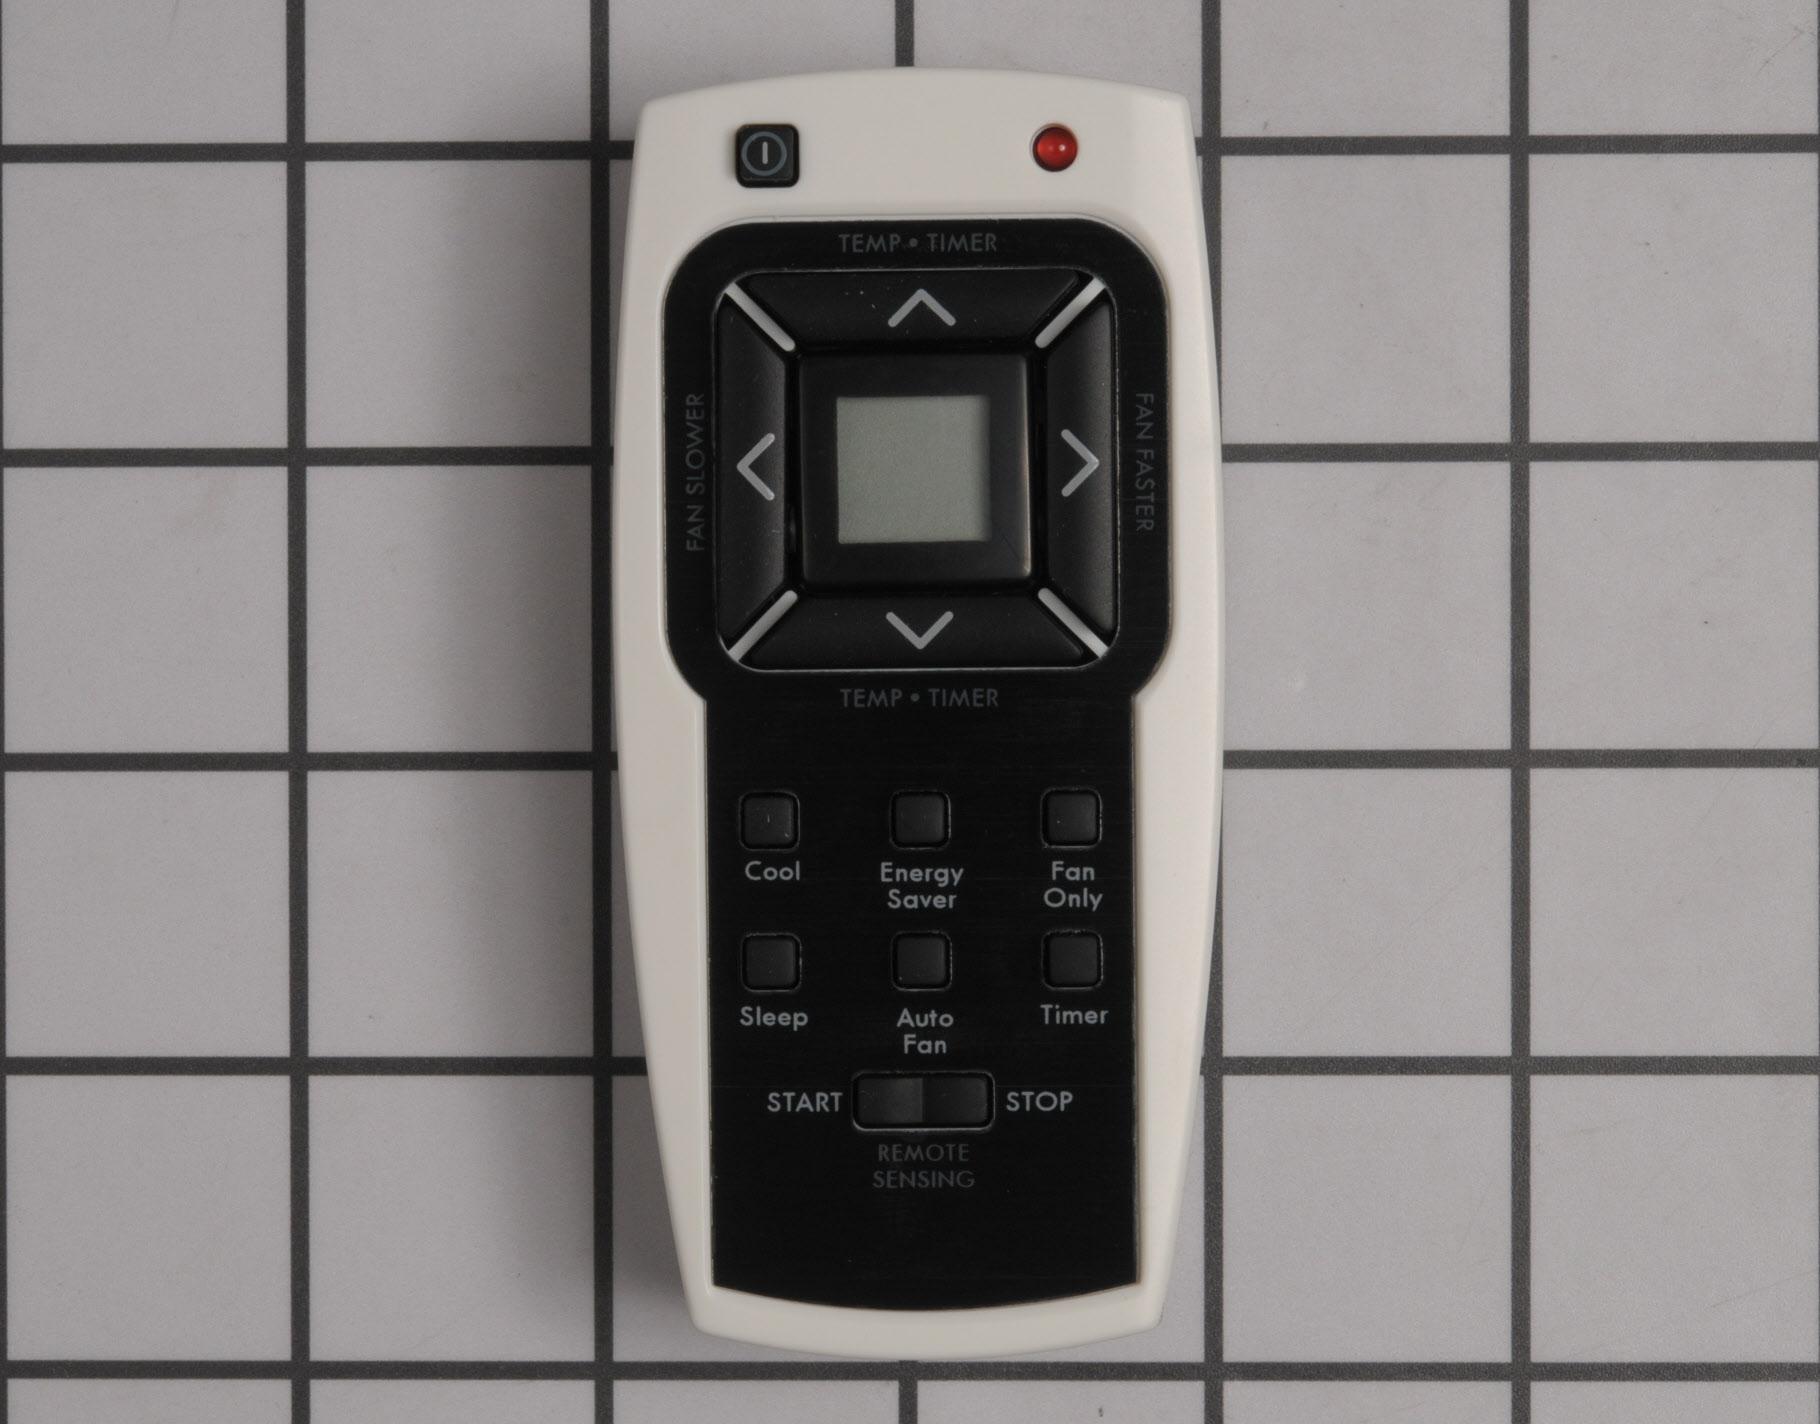 Kenmore Air Conditioner Part # 5304476246 - Remote Control